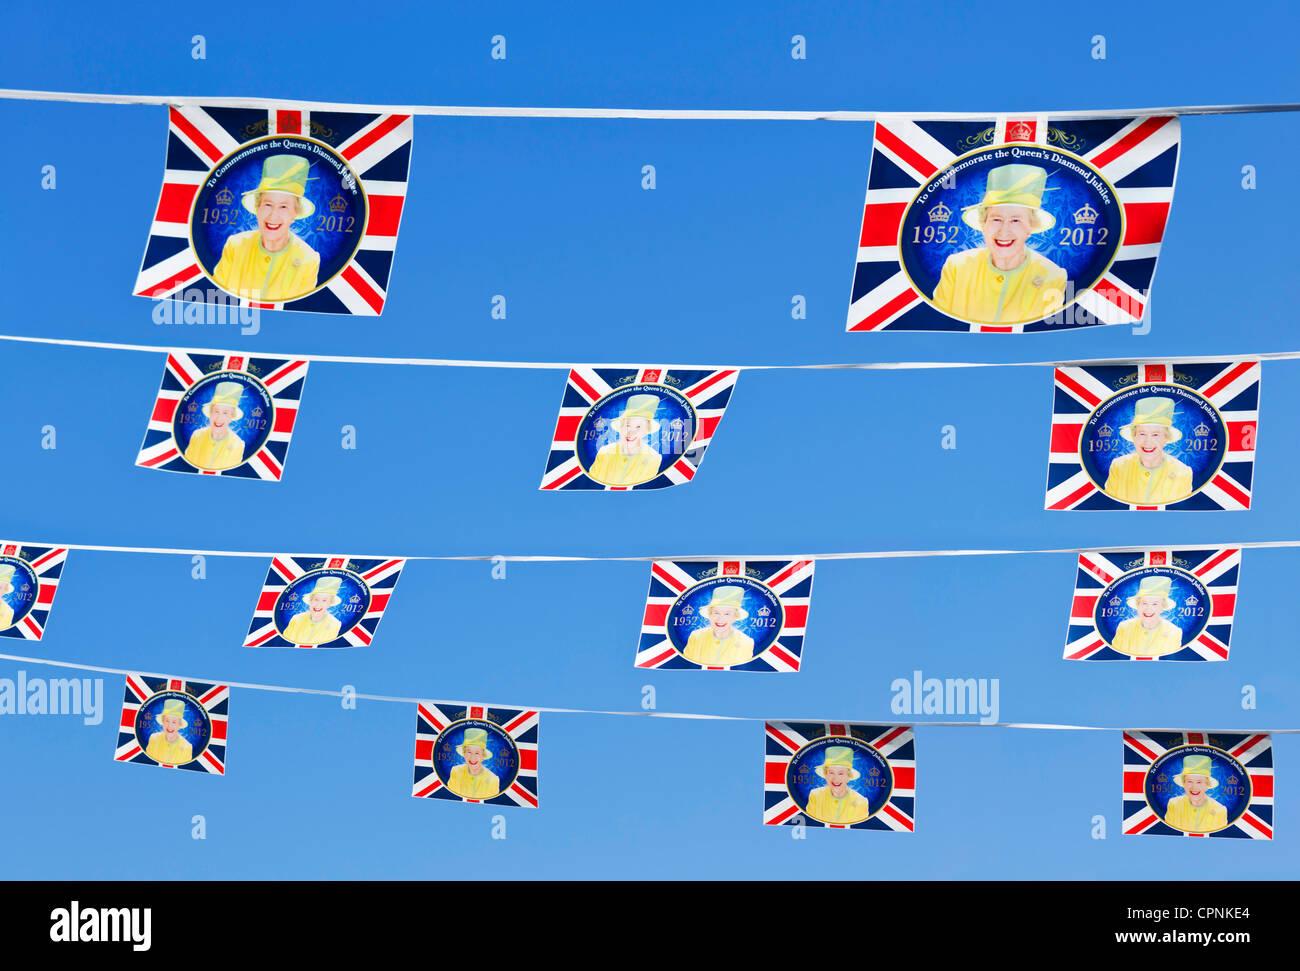 Queen's Diamond Jubilee Bunting 2012 - Stock Image